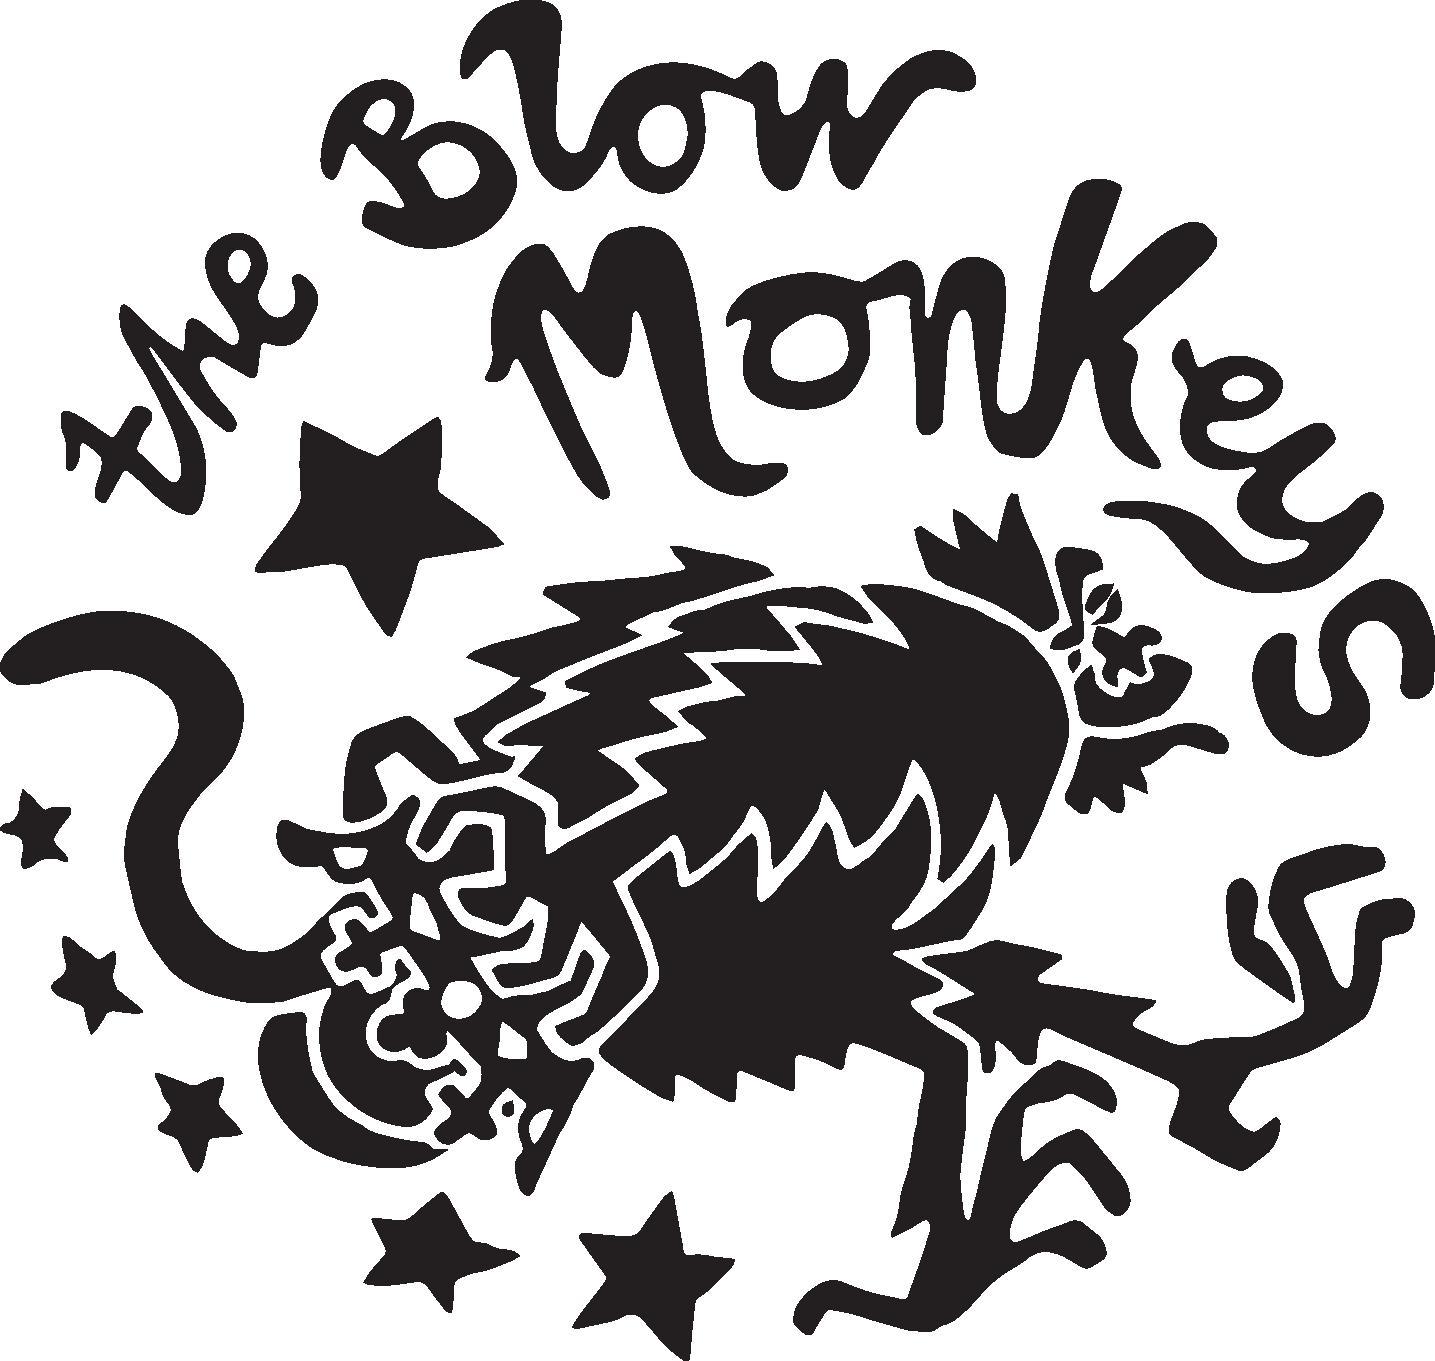 Biography — The Blow Monkeys